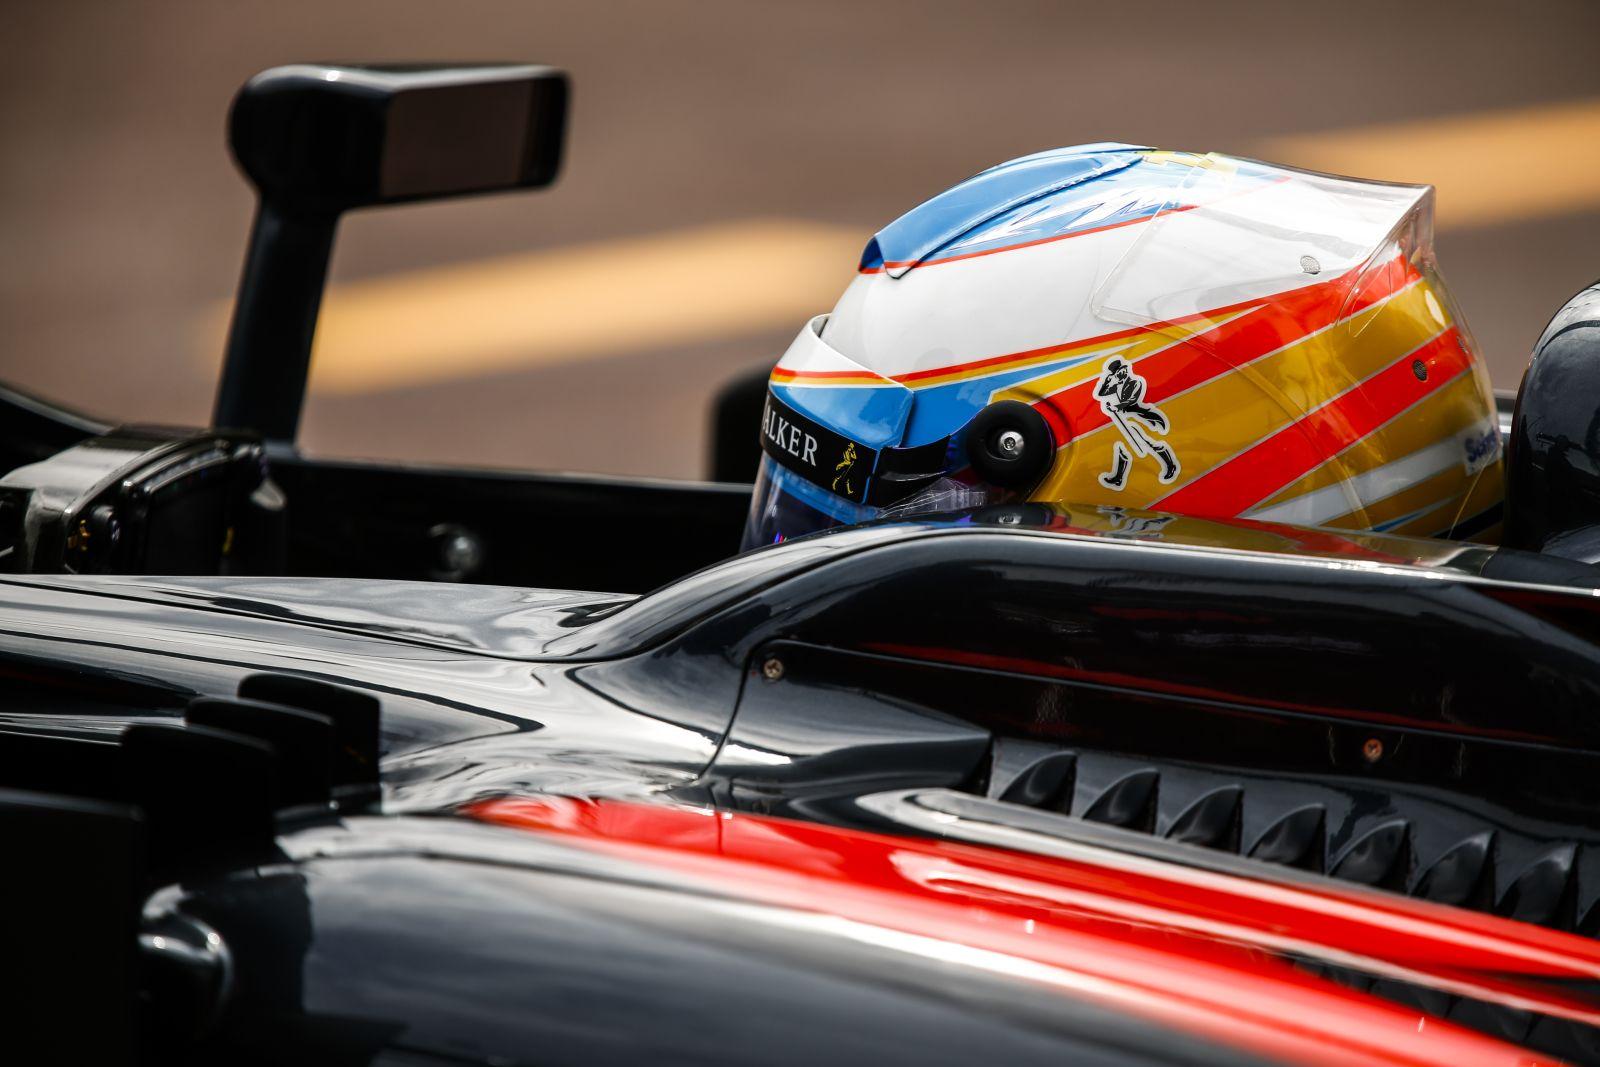 Olyan lett az F1, mintha repülőt vezetnél: babrálsz a kütyükkel, te magad nem vagy határon